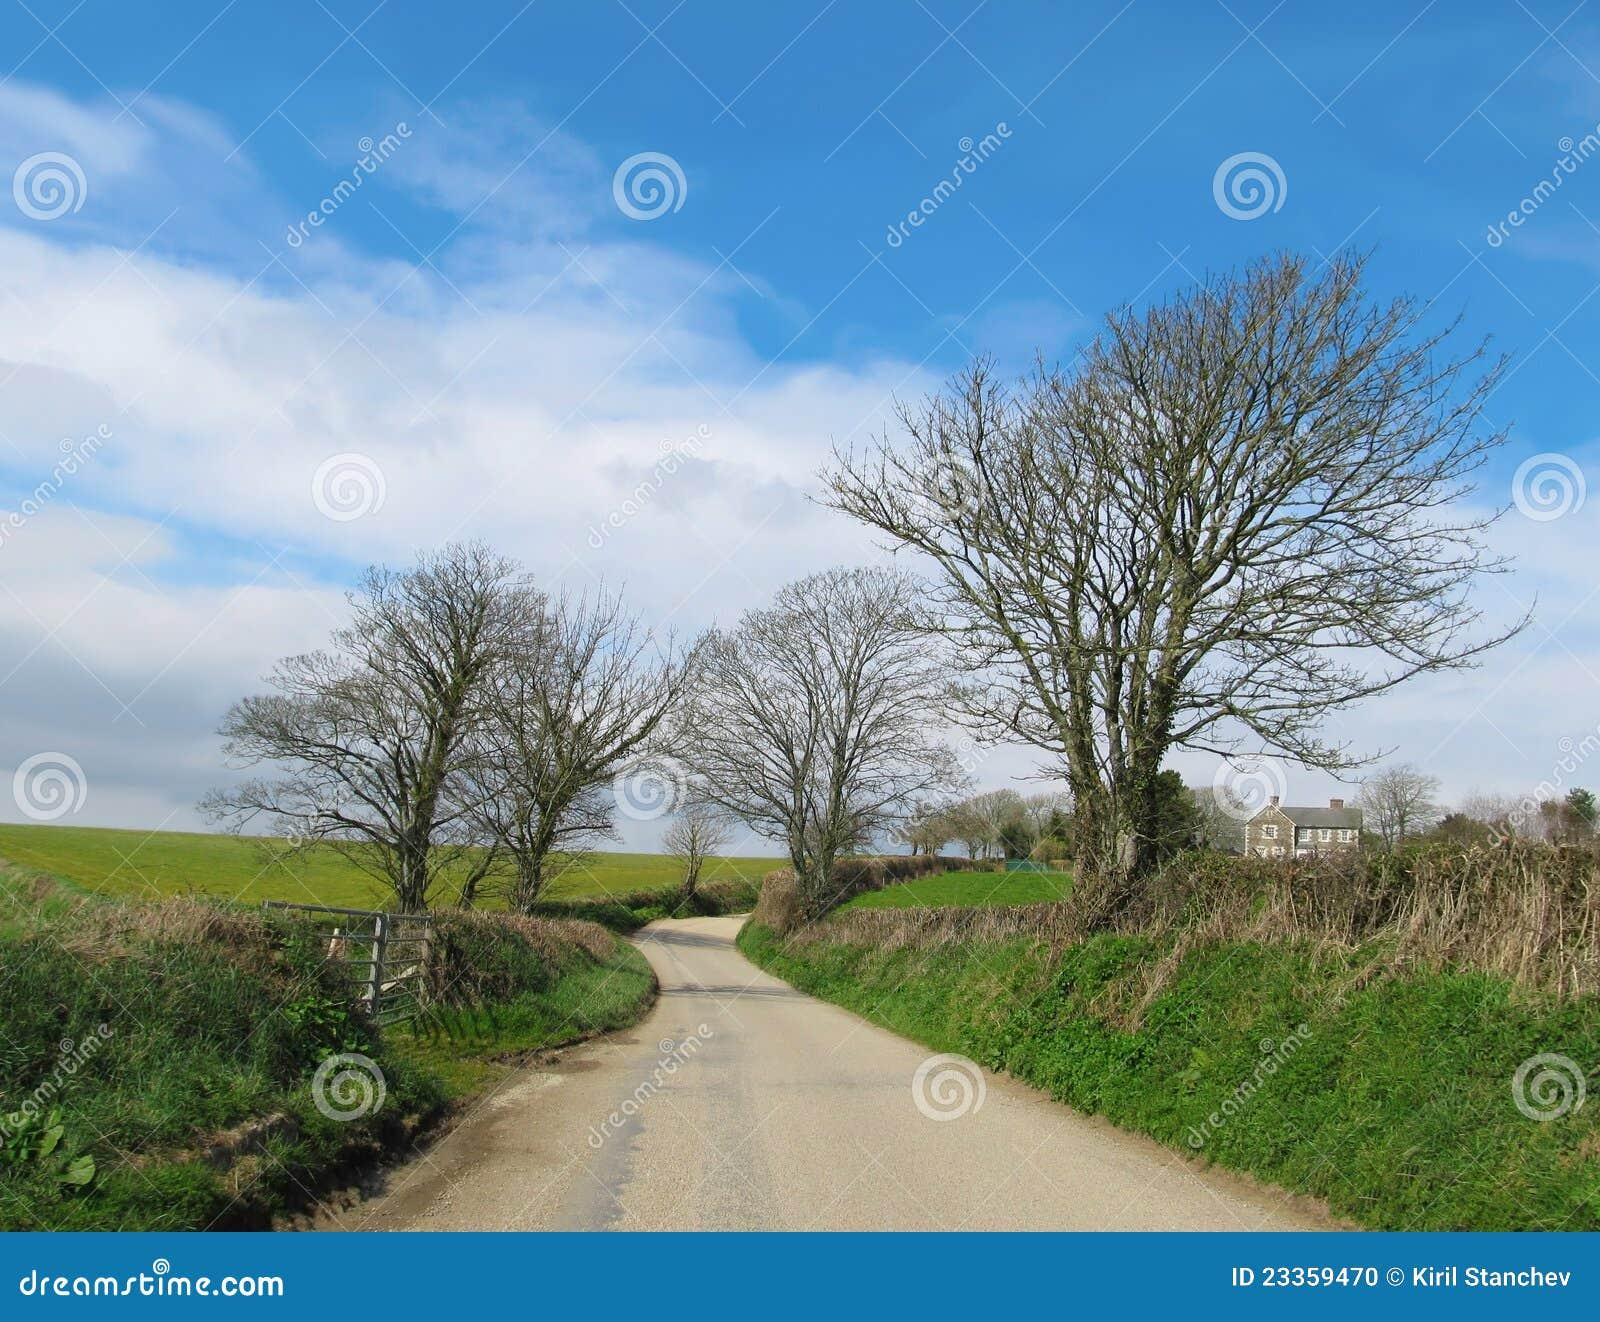 Route de campagne anglaise dans cornouailles photo stock for Photo campagne anglaise